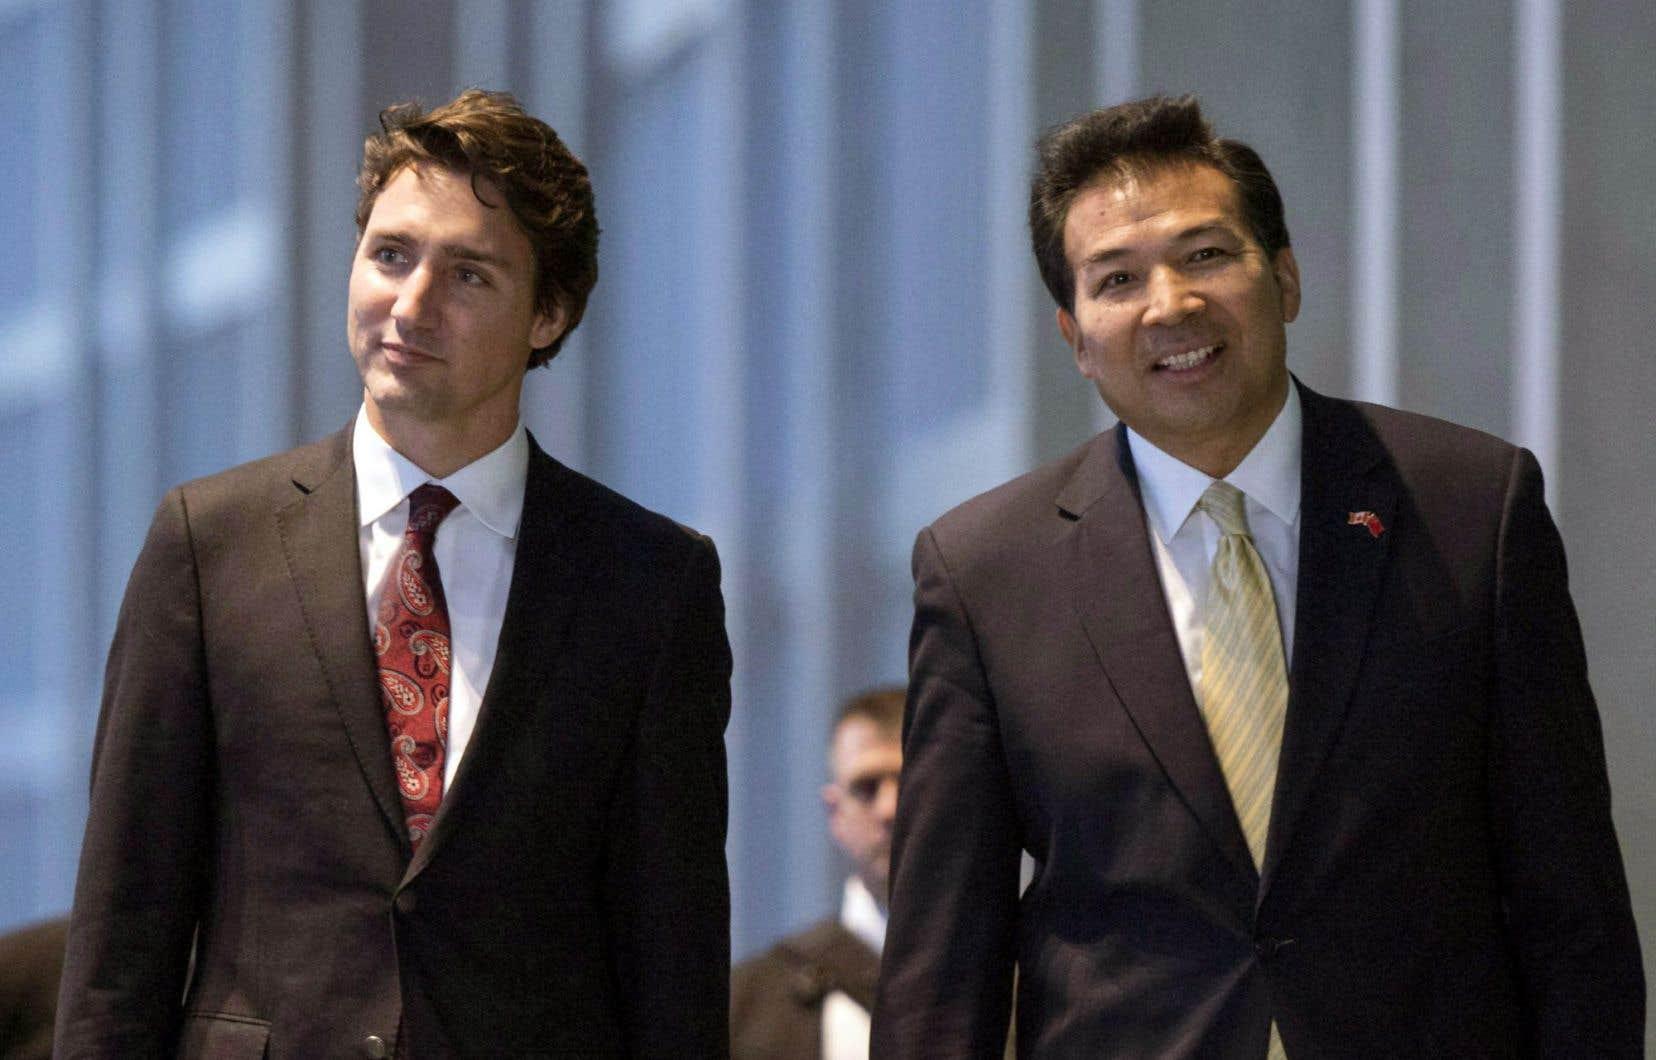 Le premier ministre Justin Trudeau en compagnie de l'ambassadeur chinois au CanadaLuo Zhaohui